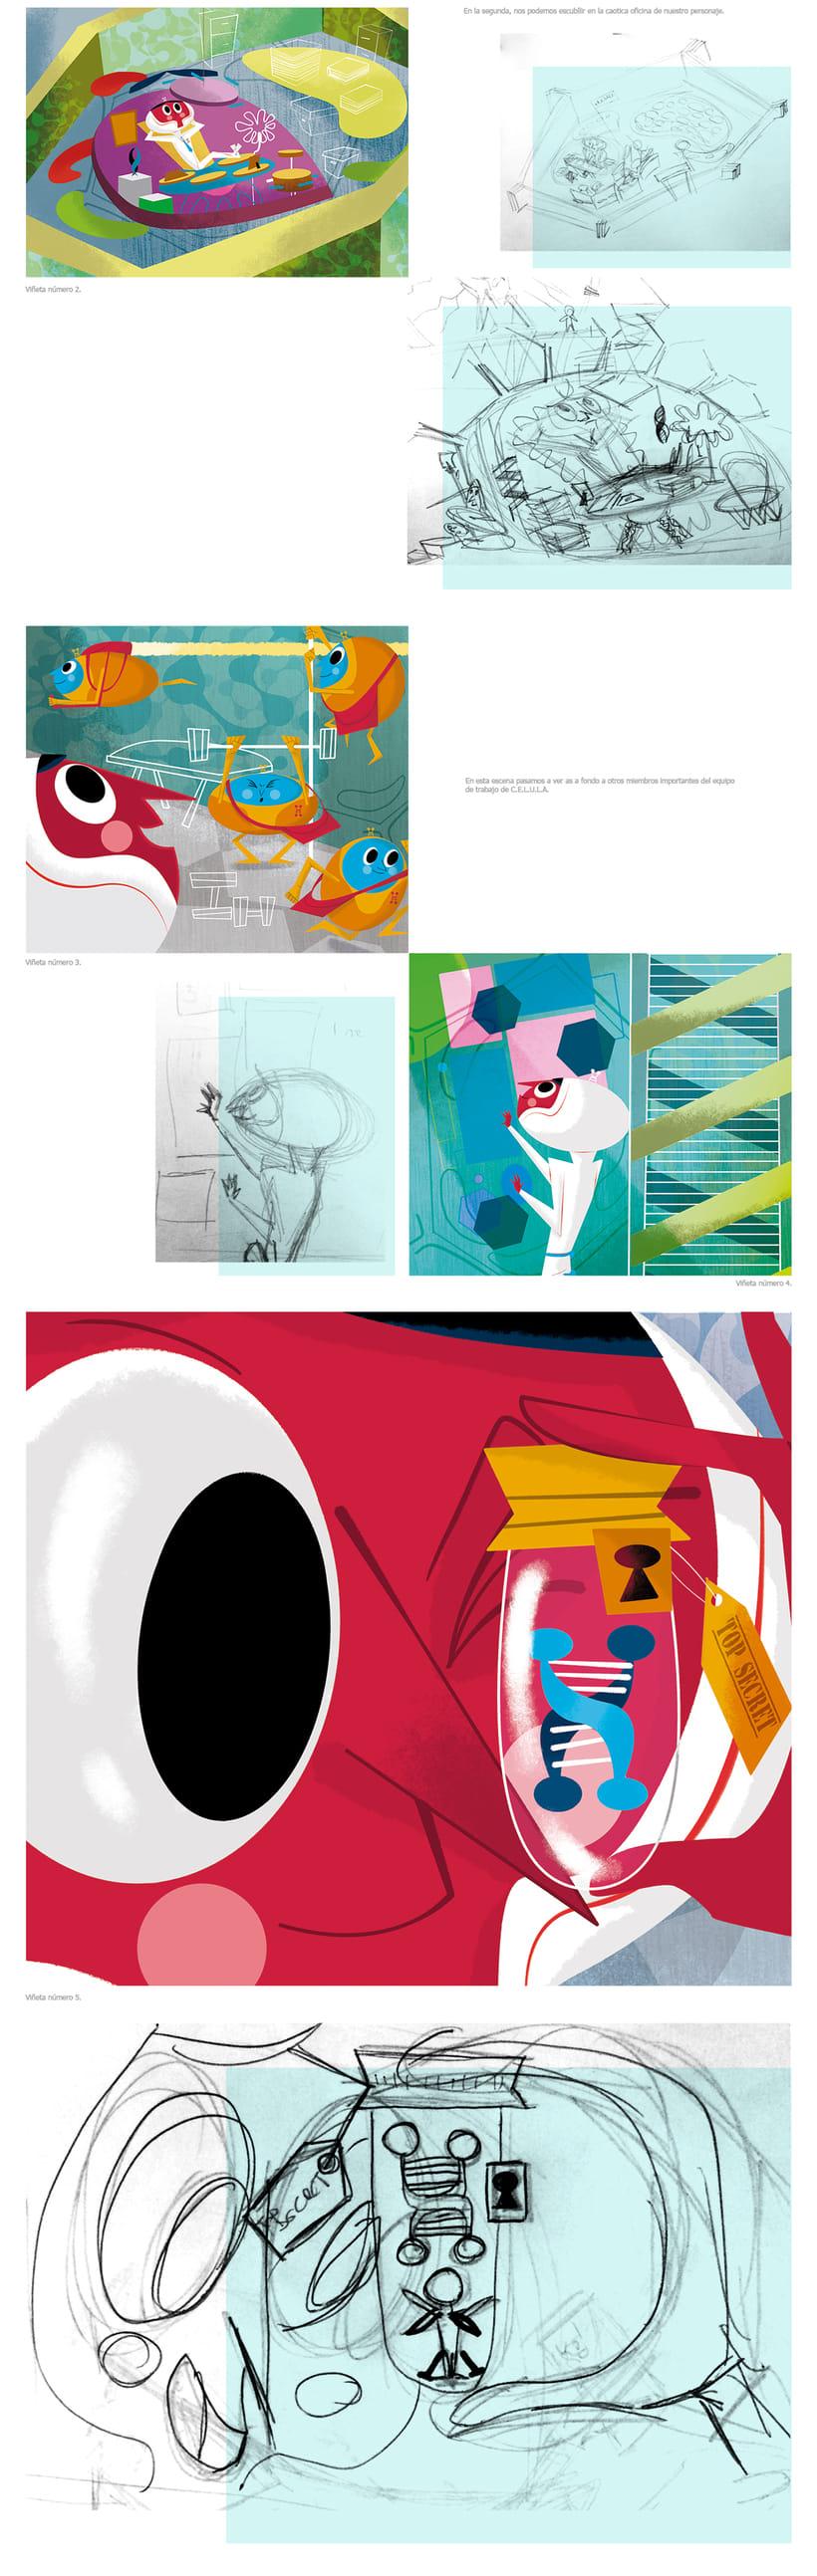 Mi Proyecto del curso: Ilustración, nudo y desenlace 1